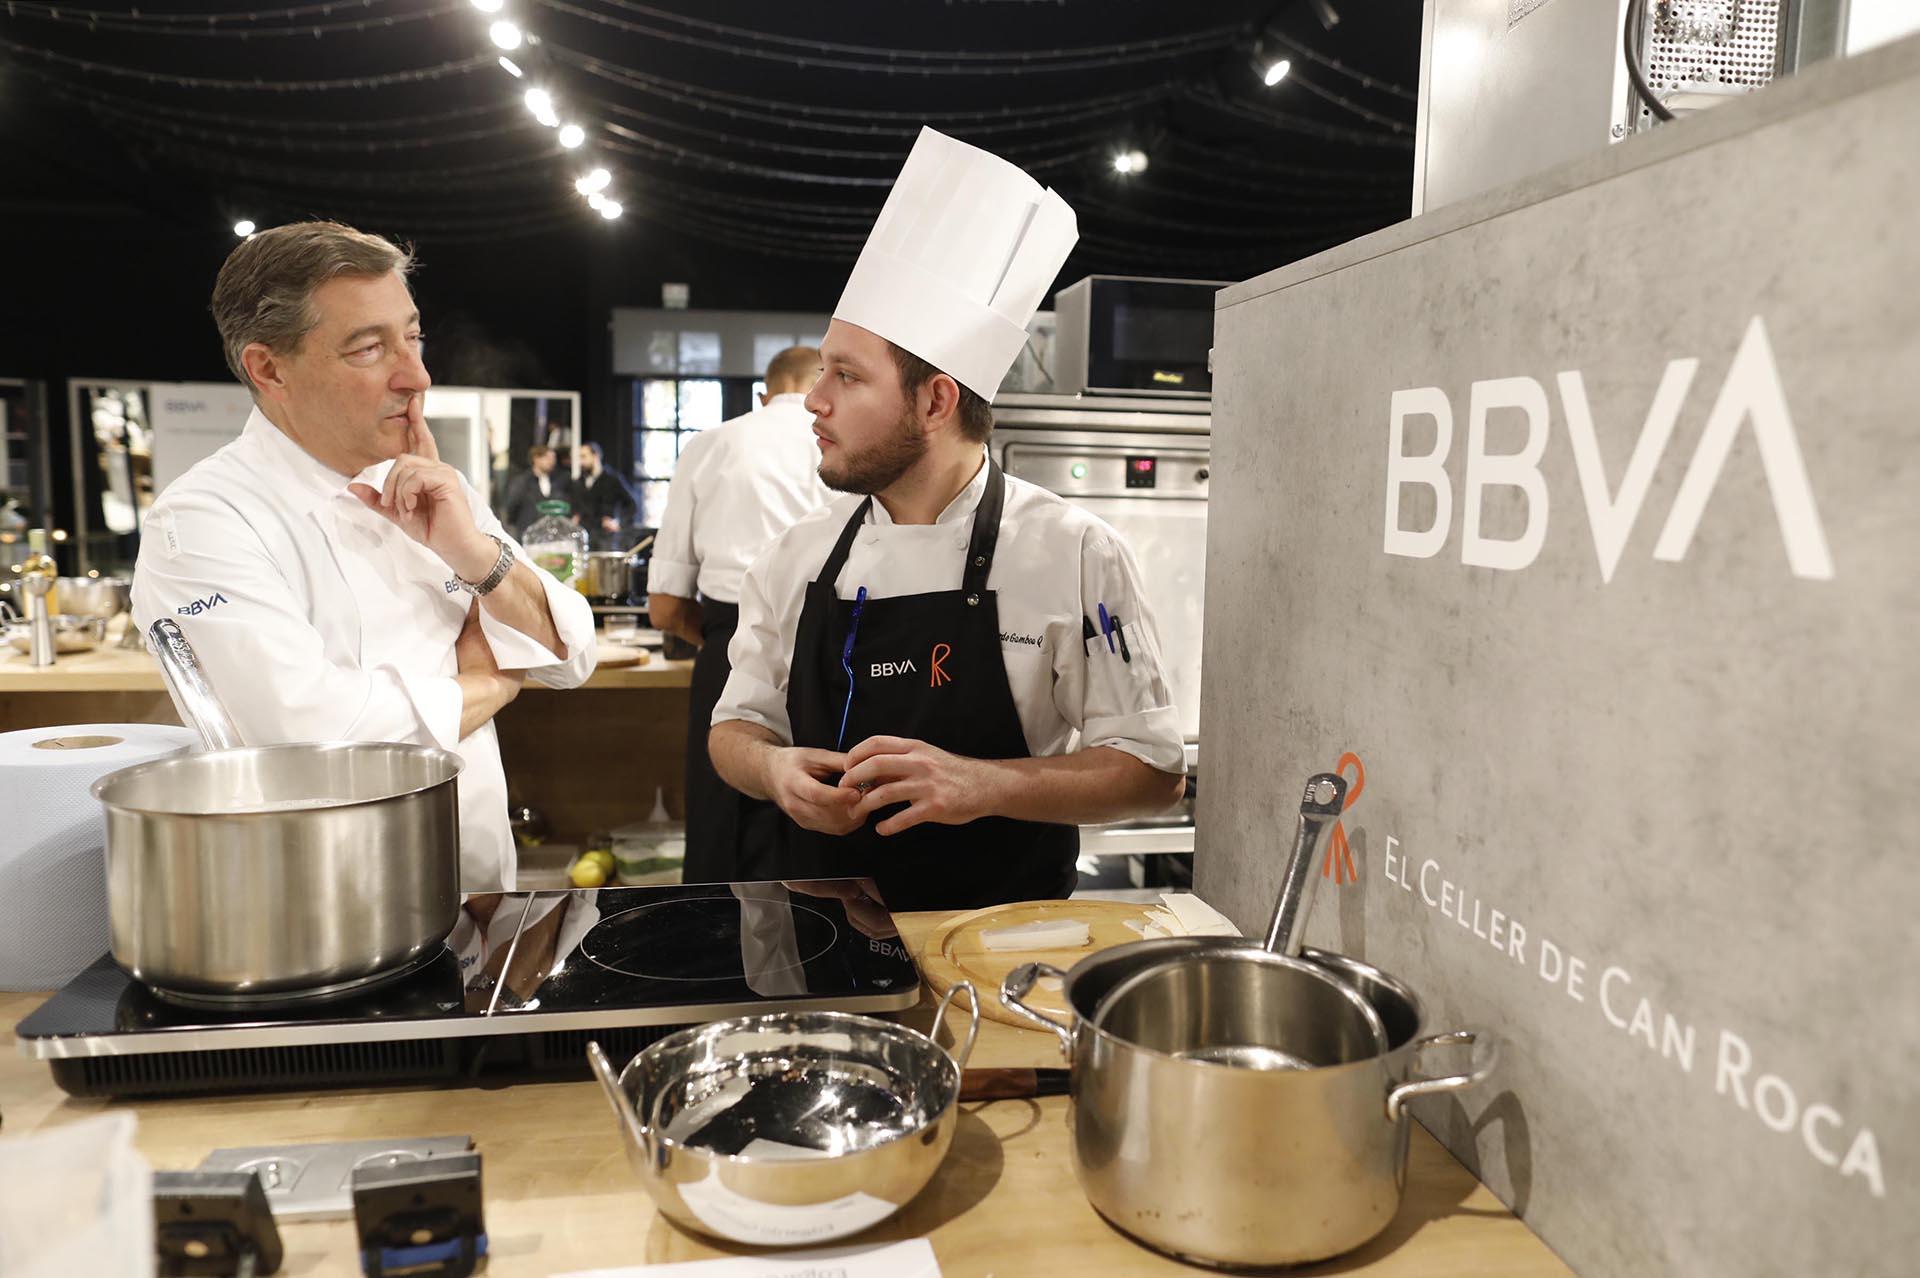 Evento entrega becas hostelería BBVA construcción de cocinas